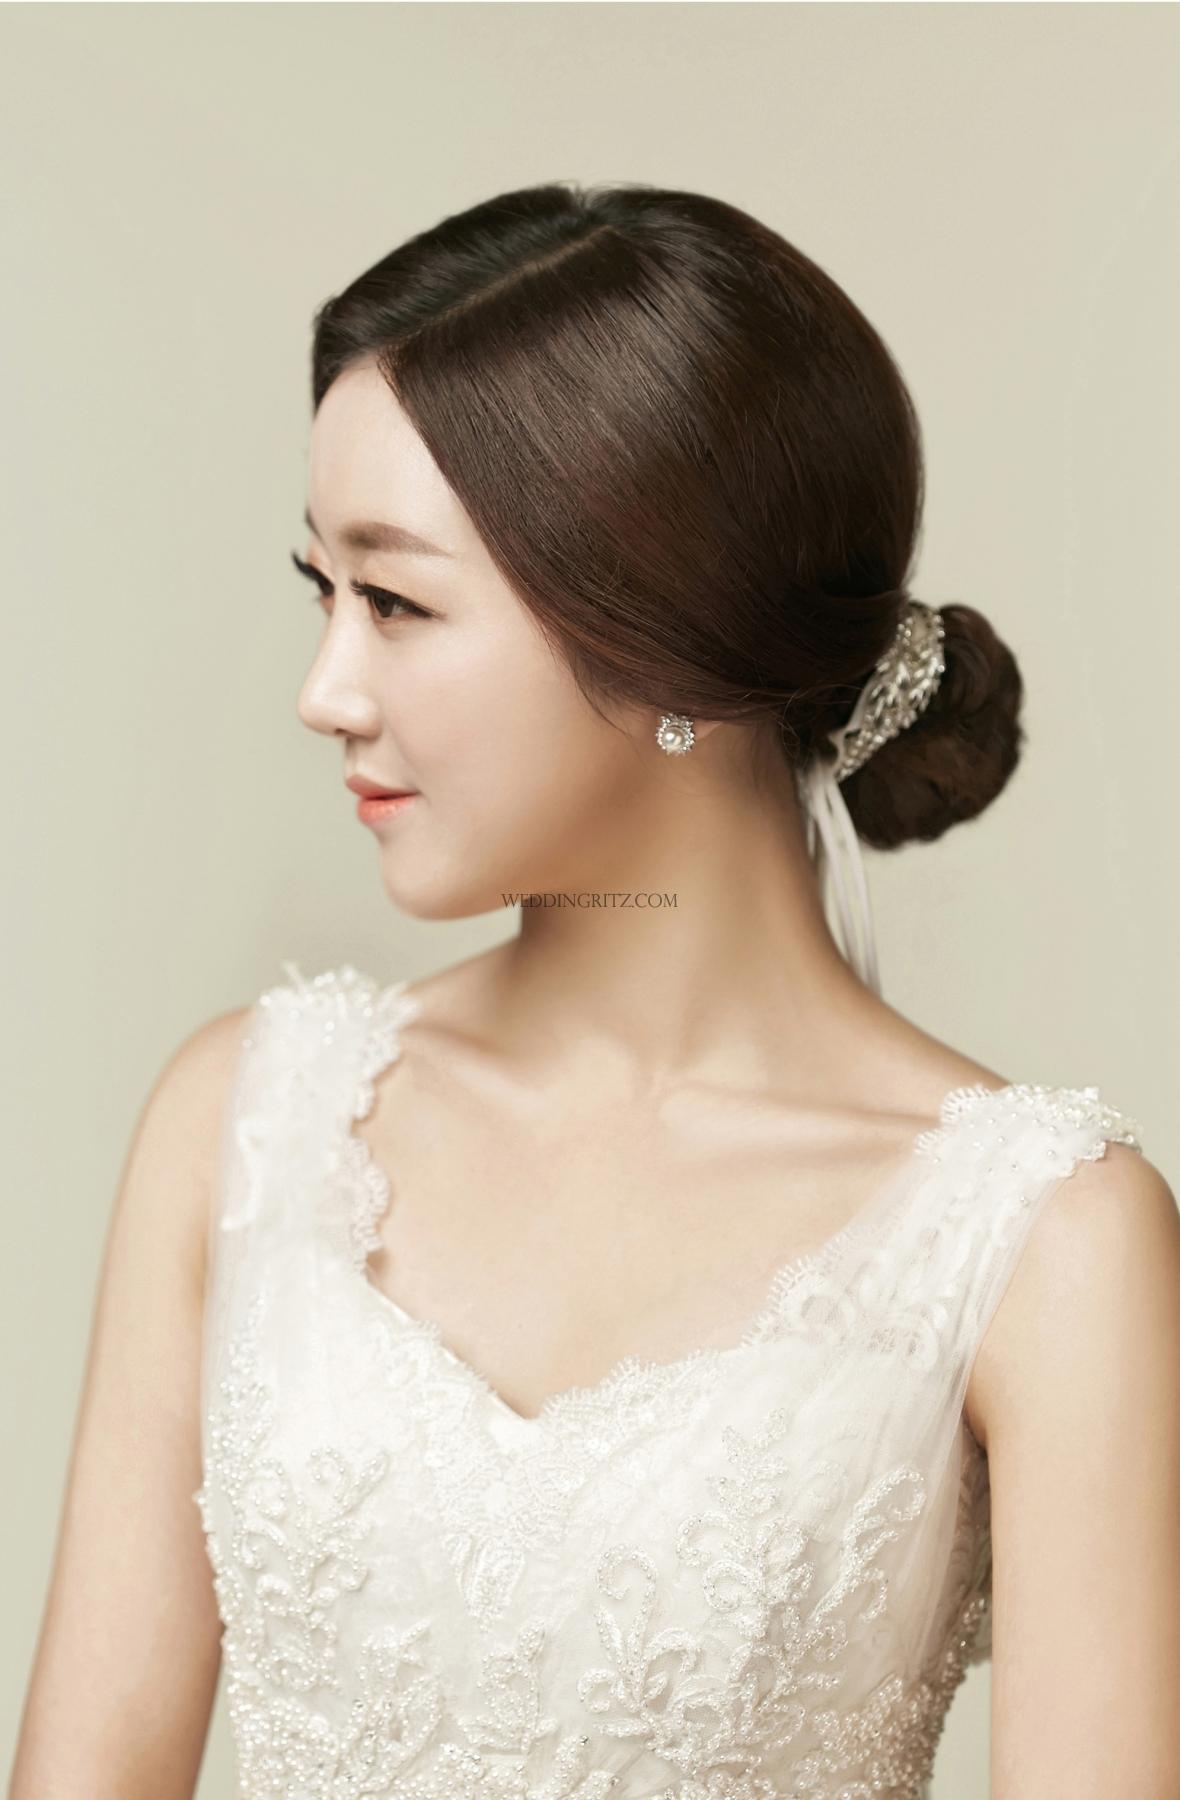 xu hướng trang điểm cô dâu 1233